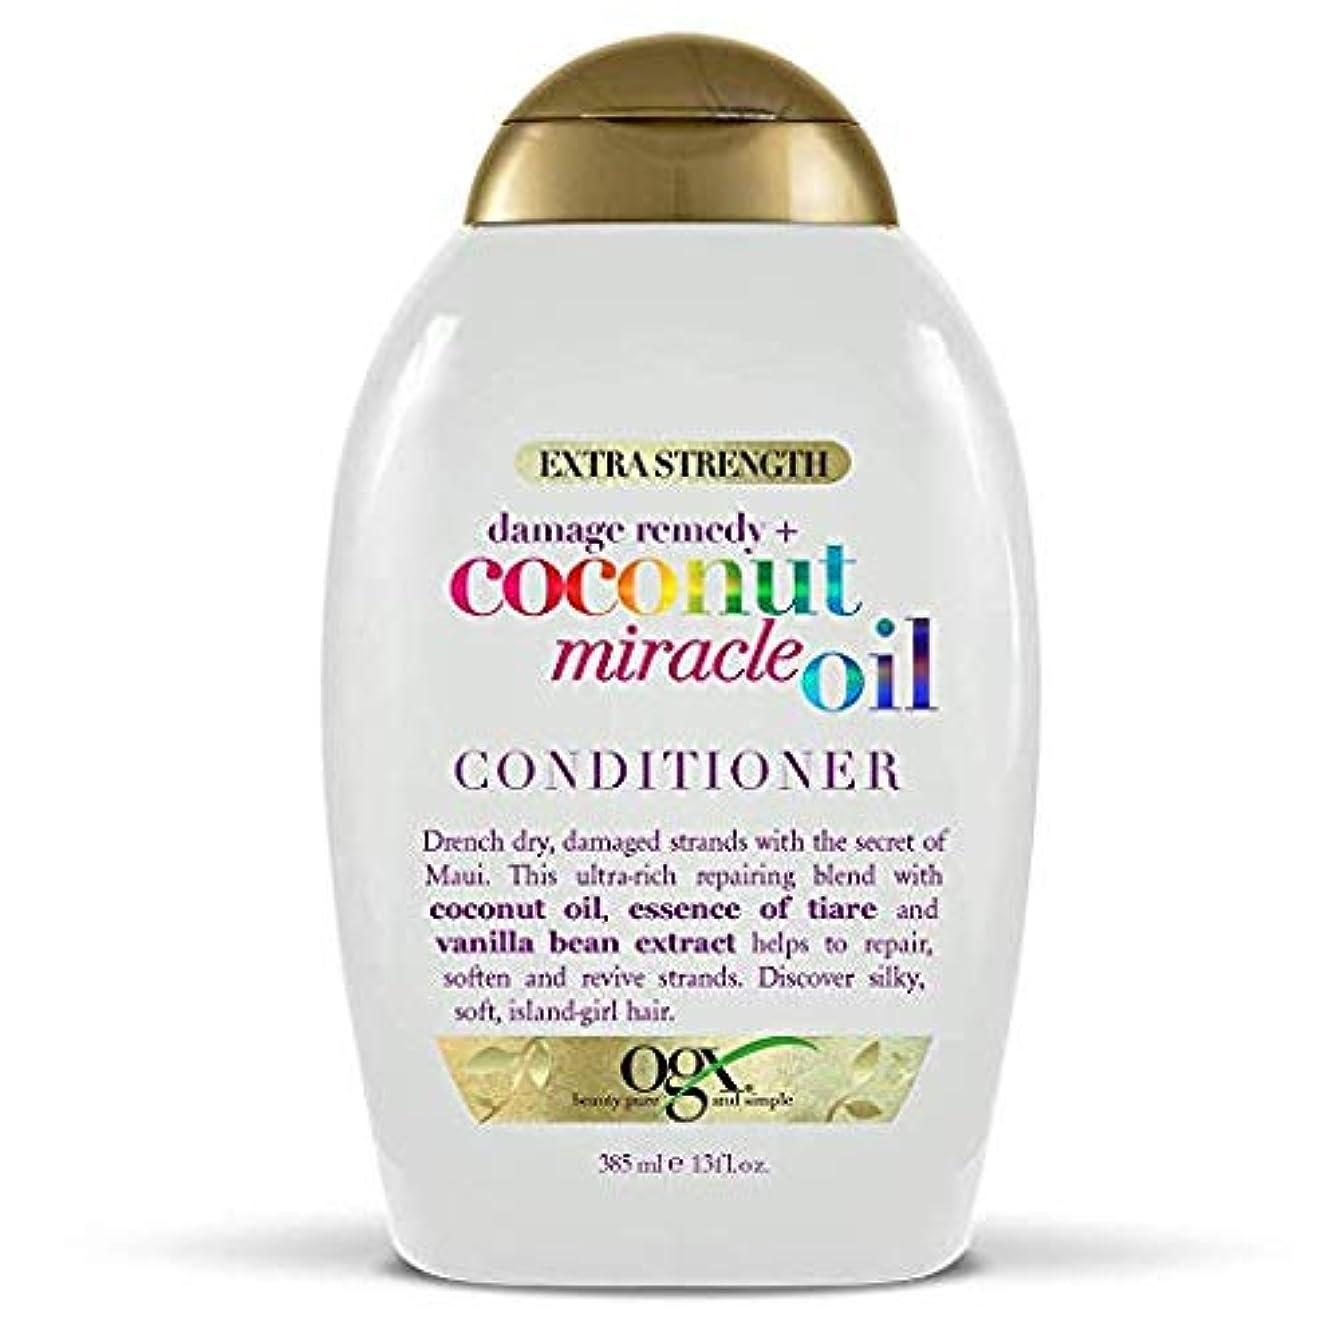 暗殺者可愛い排他的Ogx Conditioner Coconut Miracle Oil Extra Strength 13oz OGX ココナッツミラクルオイル エクストラストレングス コンディショナー 385ml [並行輸入品]